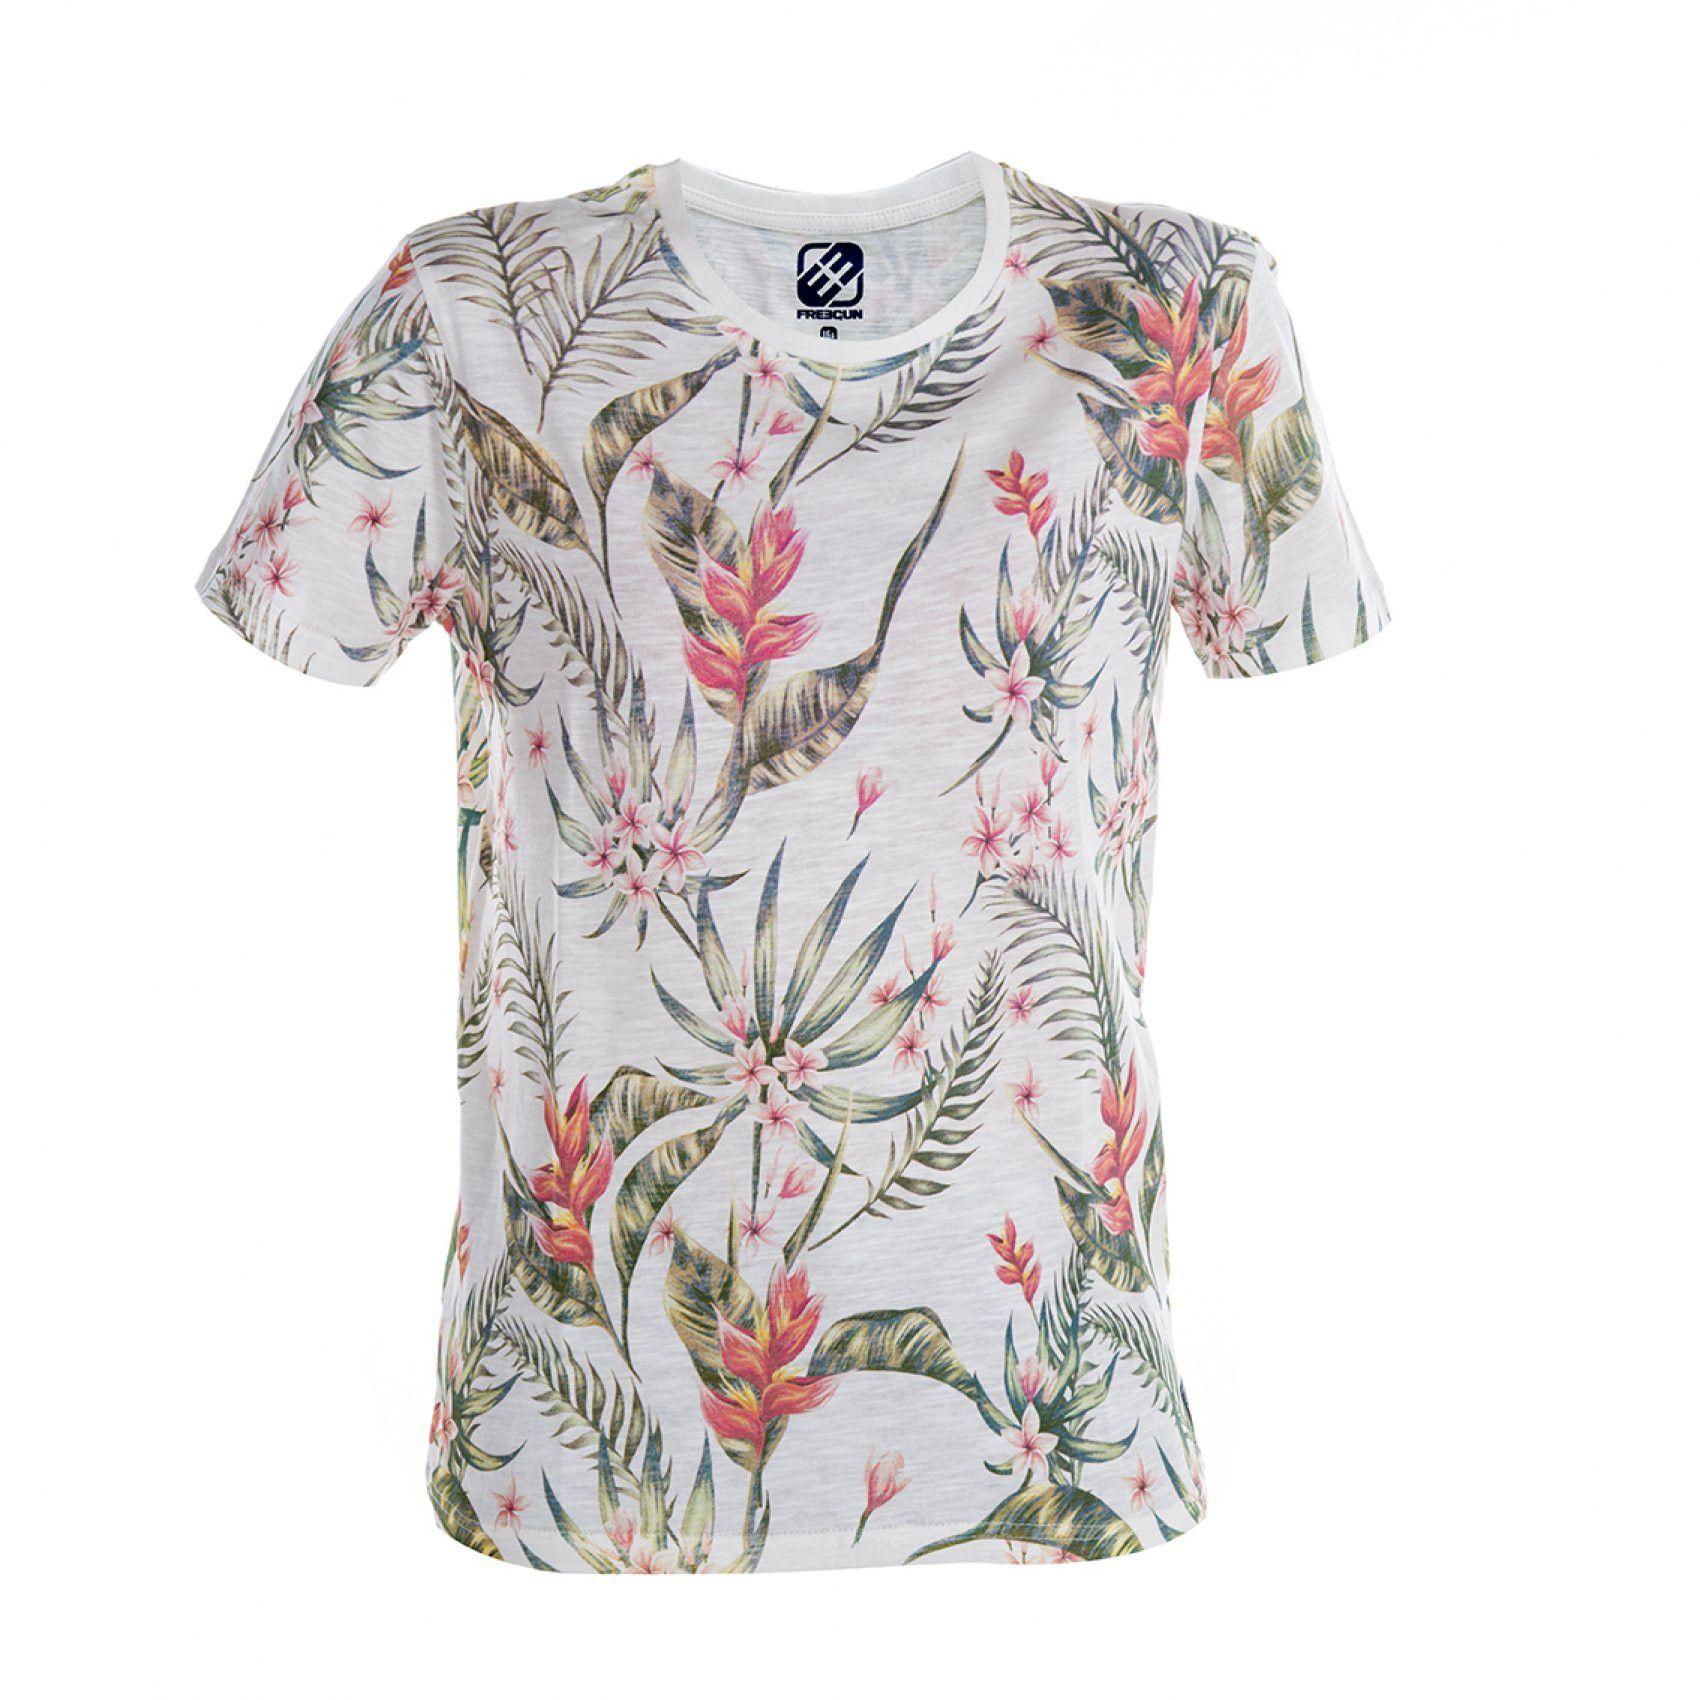 T-shirt garçon fleurs (photo)